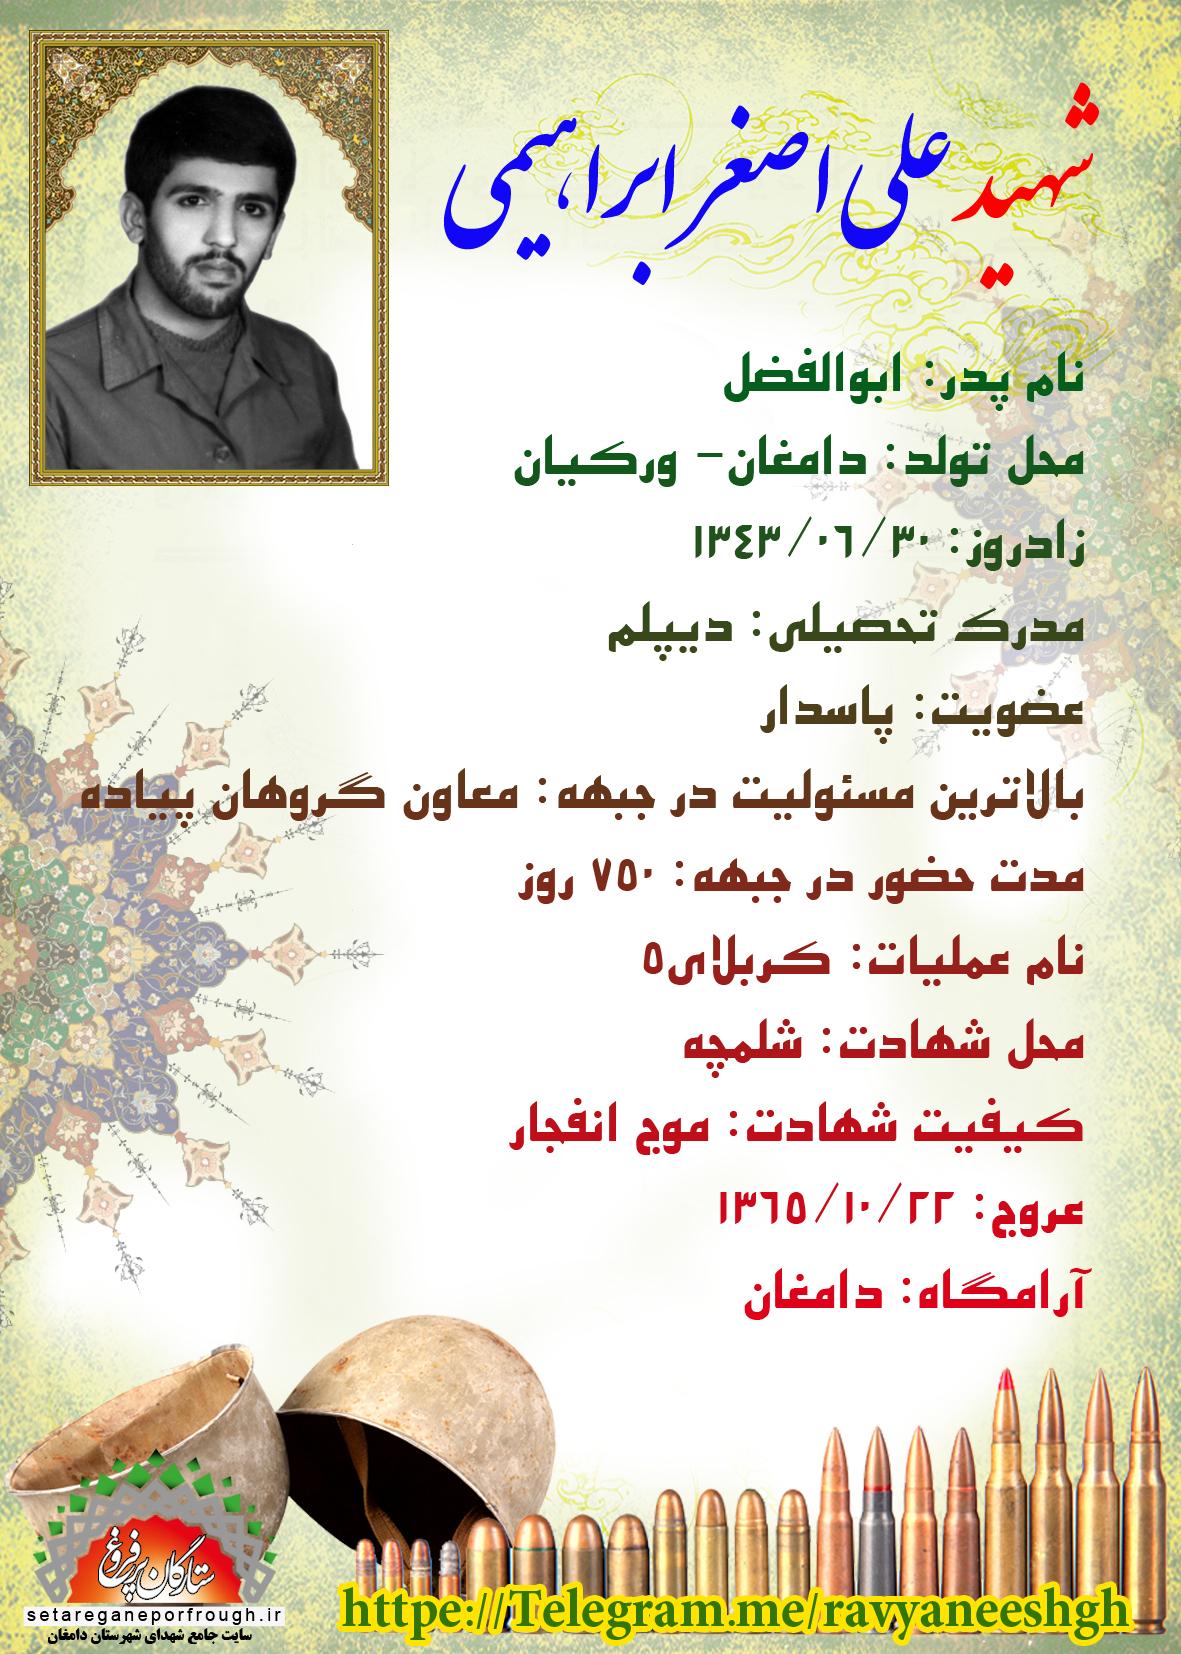 شناسنامه شهید علیاصغر ابراهیمیورکیانی